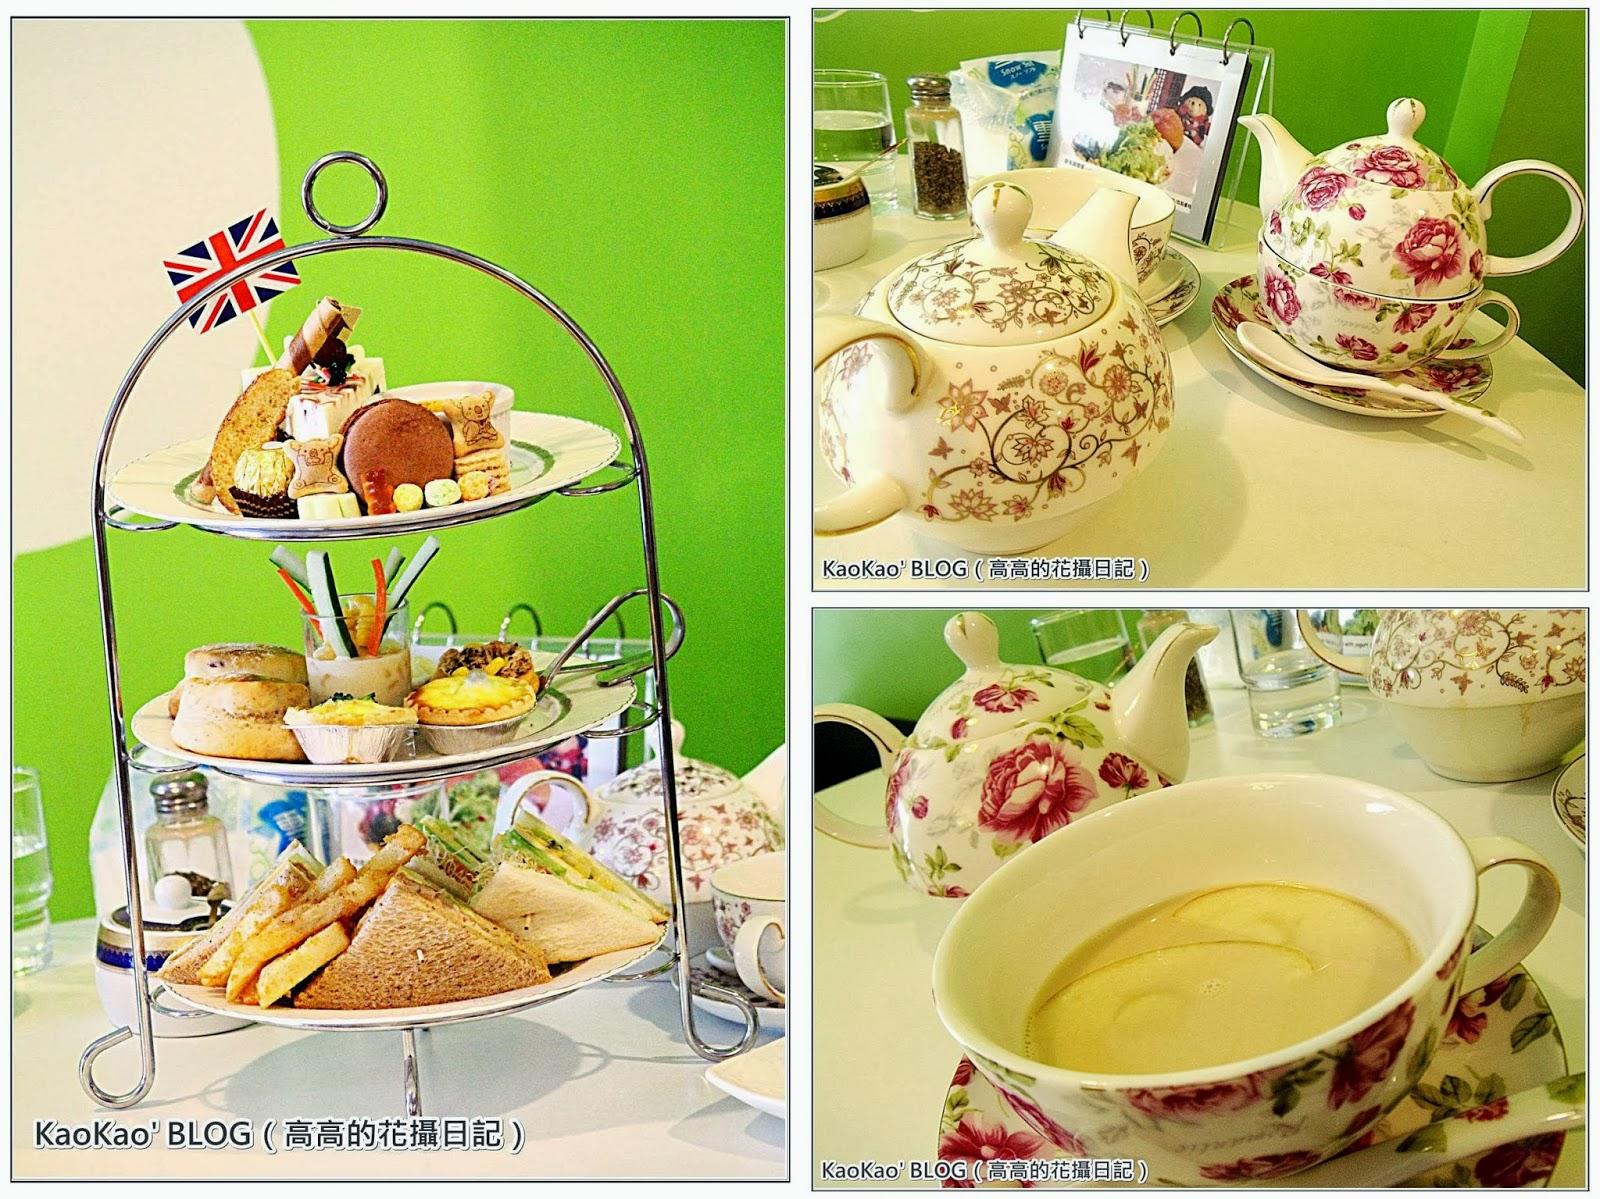 【臺南】棻園 Café No.2。維多利亞雙人下午茶 @高高的花攝日記 - nidBox親子盒子